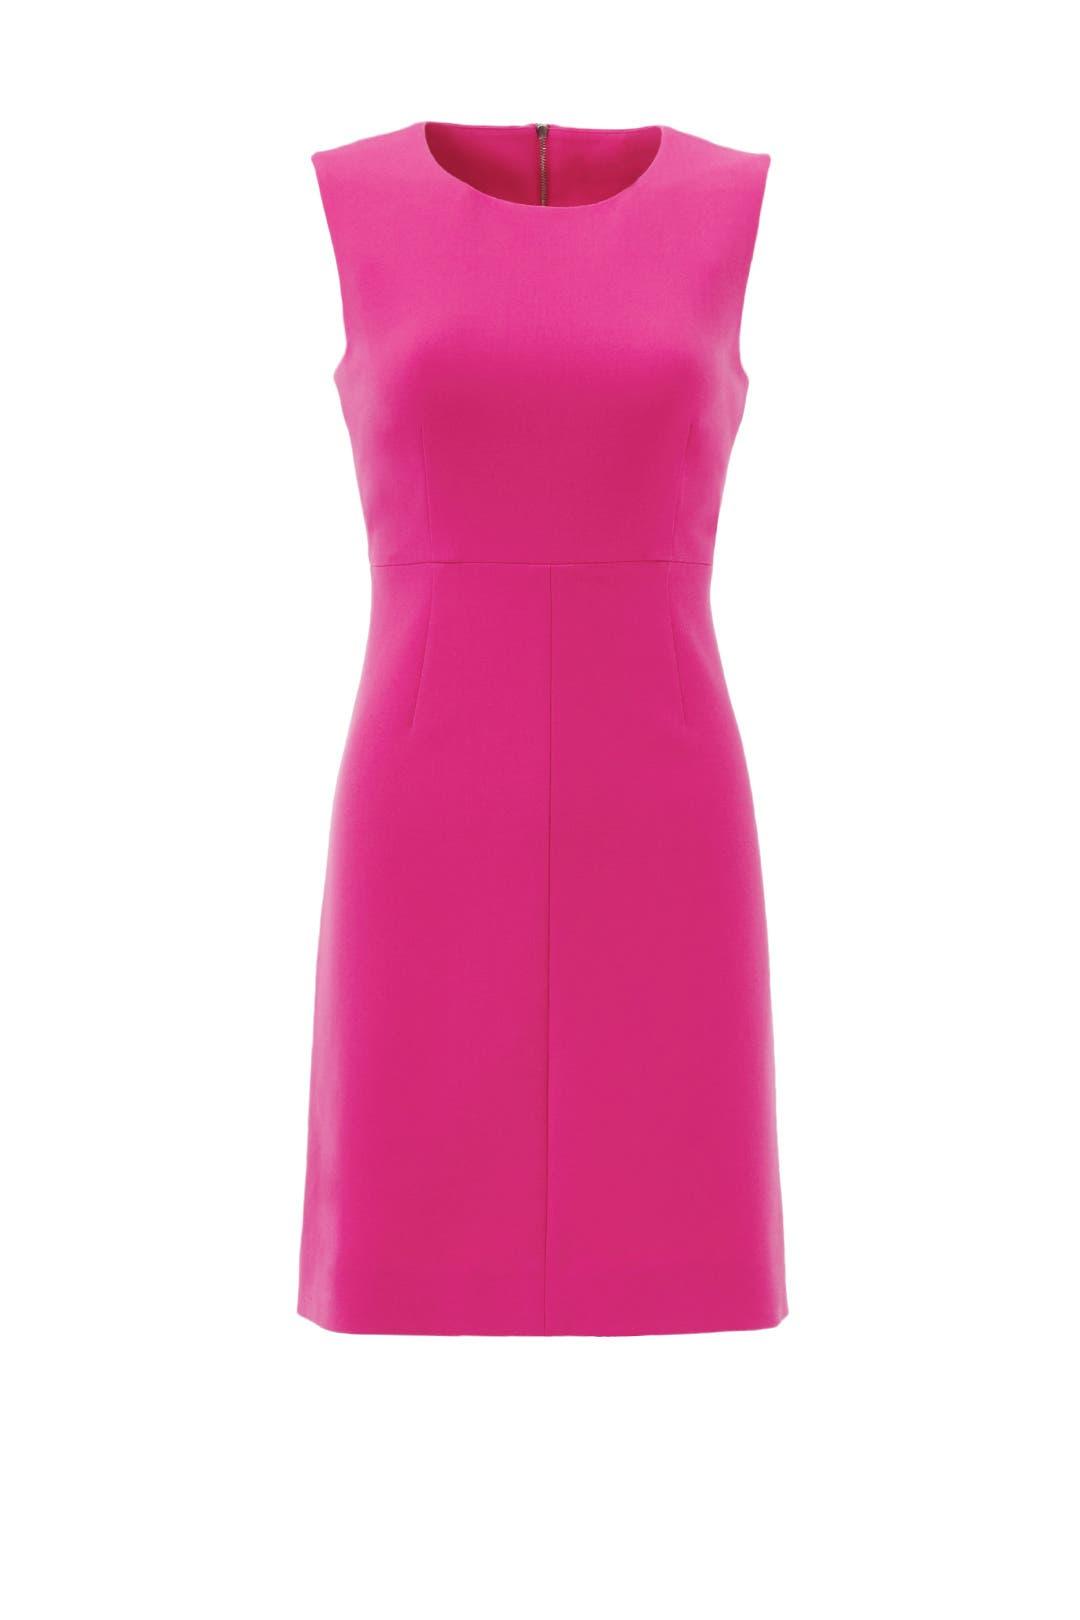 Hot Pink Carrie Dress by Diane von Furstenberg for $50 - $65 ...